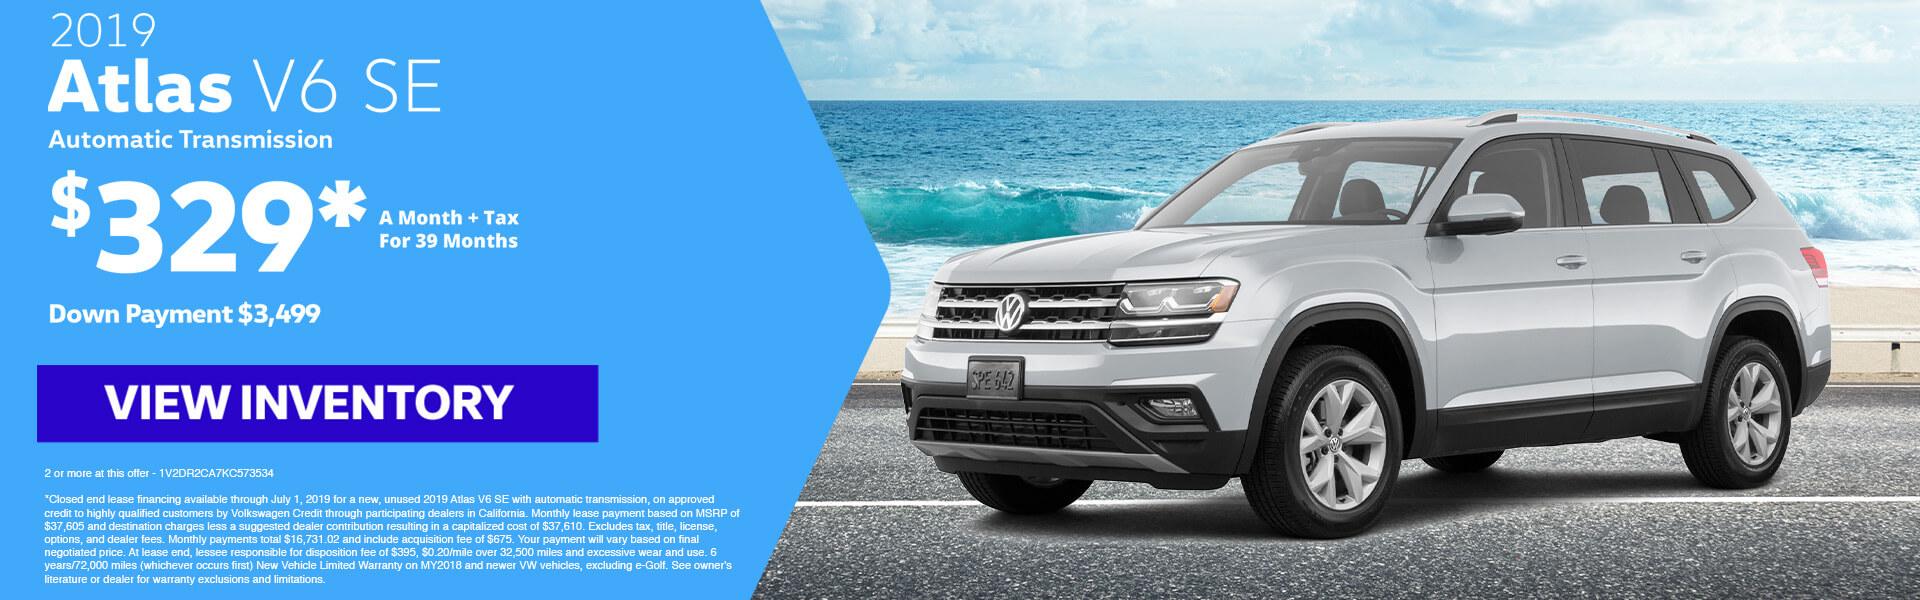 2019 Atlas V6 SE Lease for $329